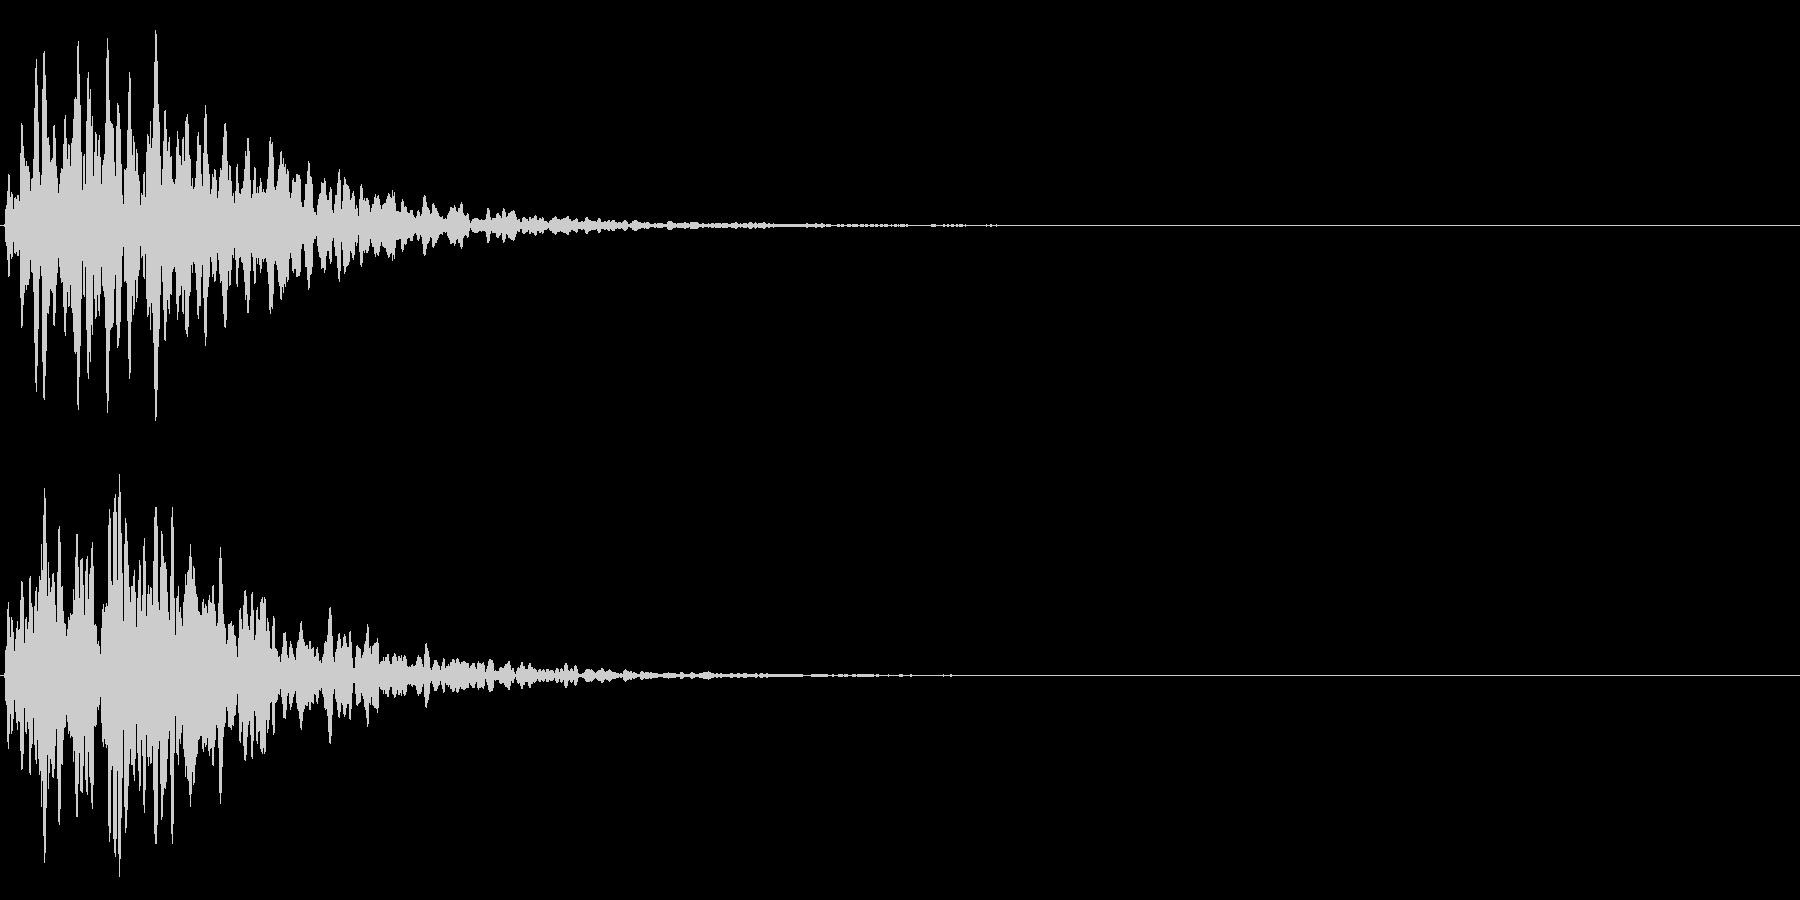 ゲームスタート、決定、ボタン音-073の未再生の波形